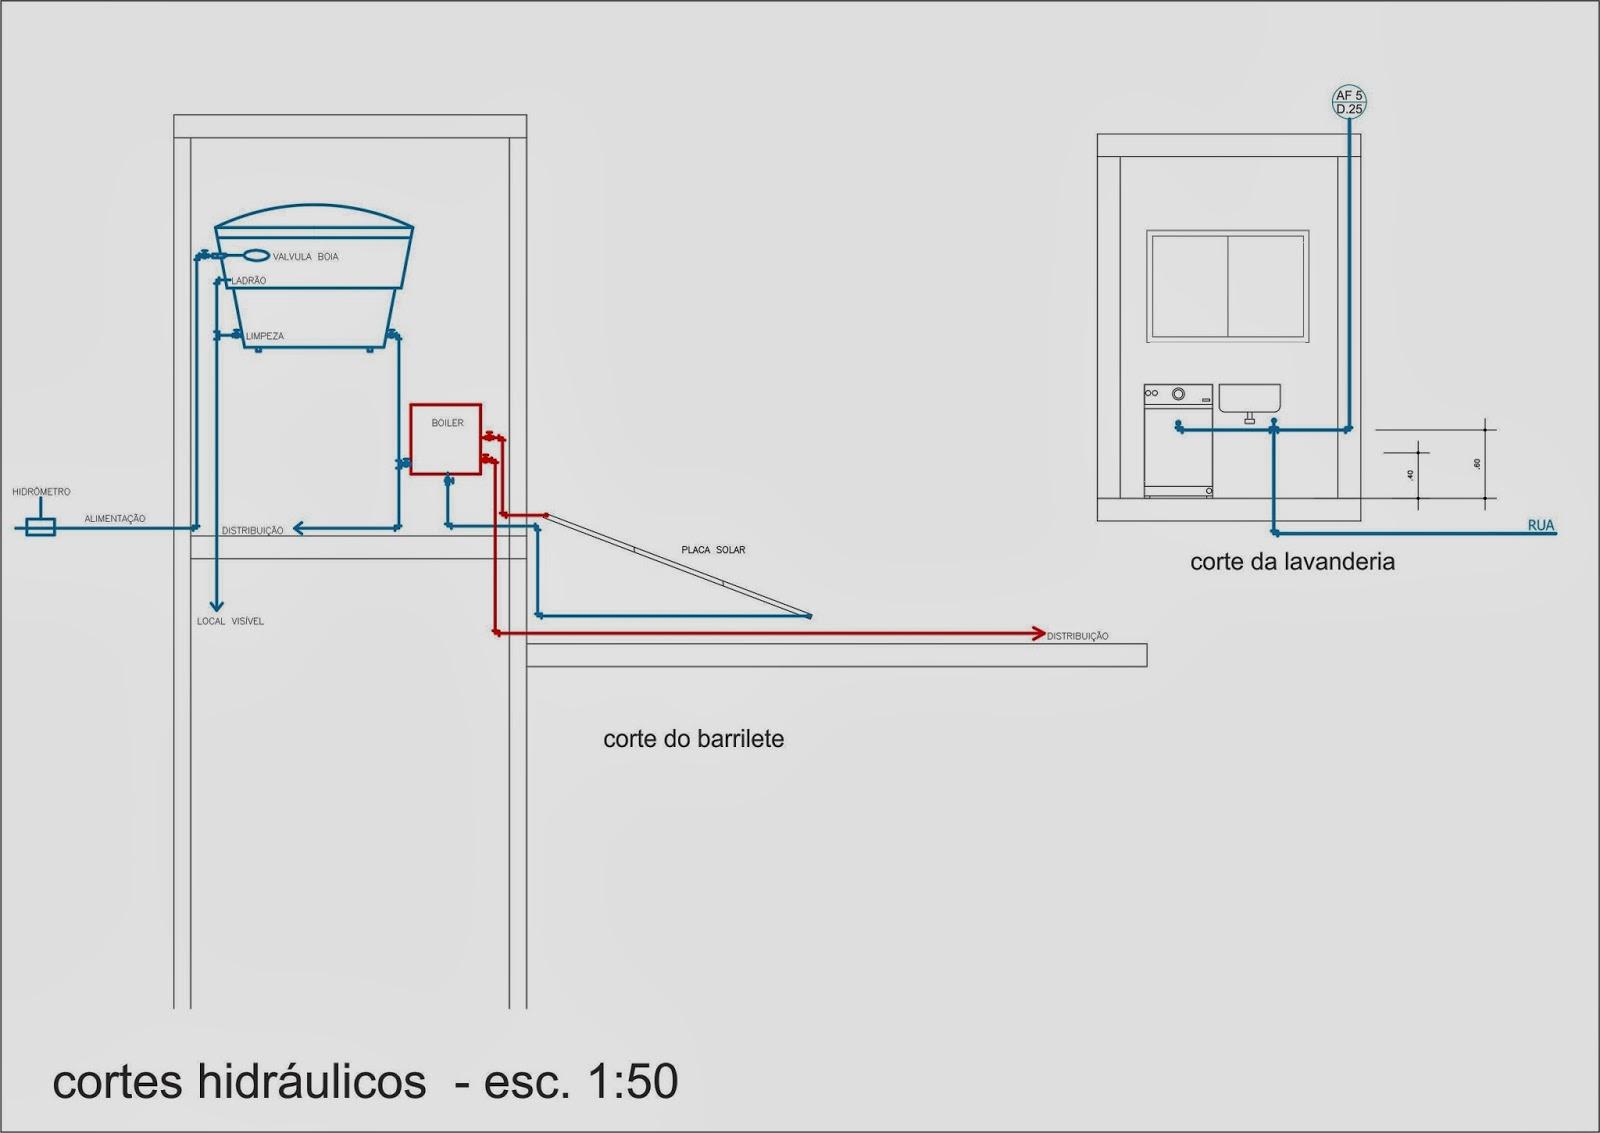 Pellegrino : Projeto de instalações hidráulicas para residência #044978 1600 1133